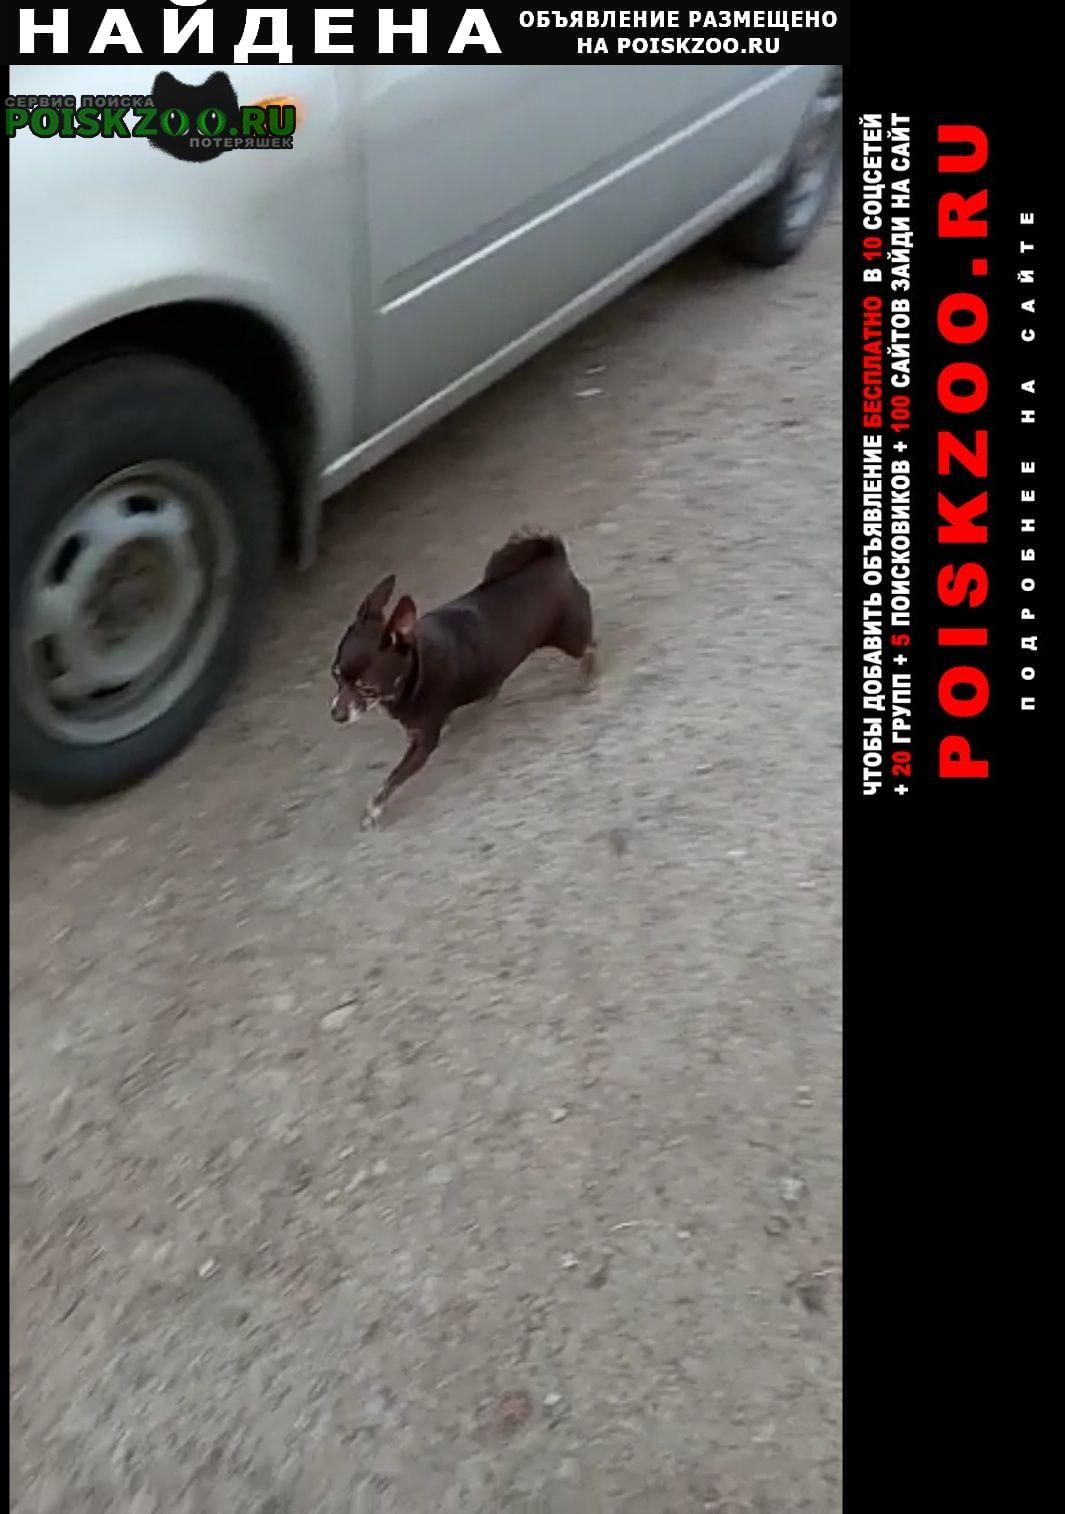 Найдена собака маленькая собачка шоколадного цв Уфа